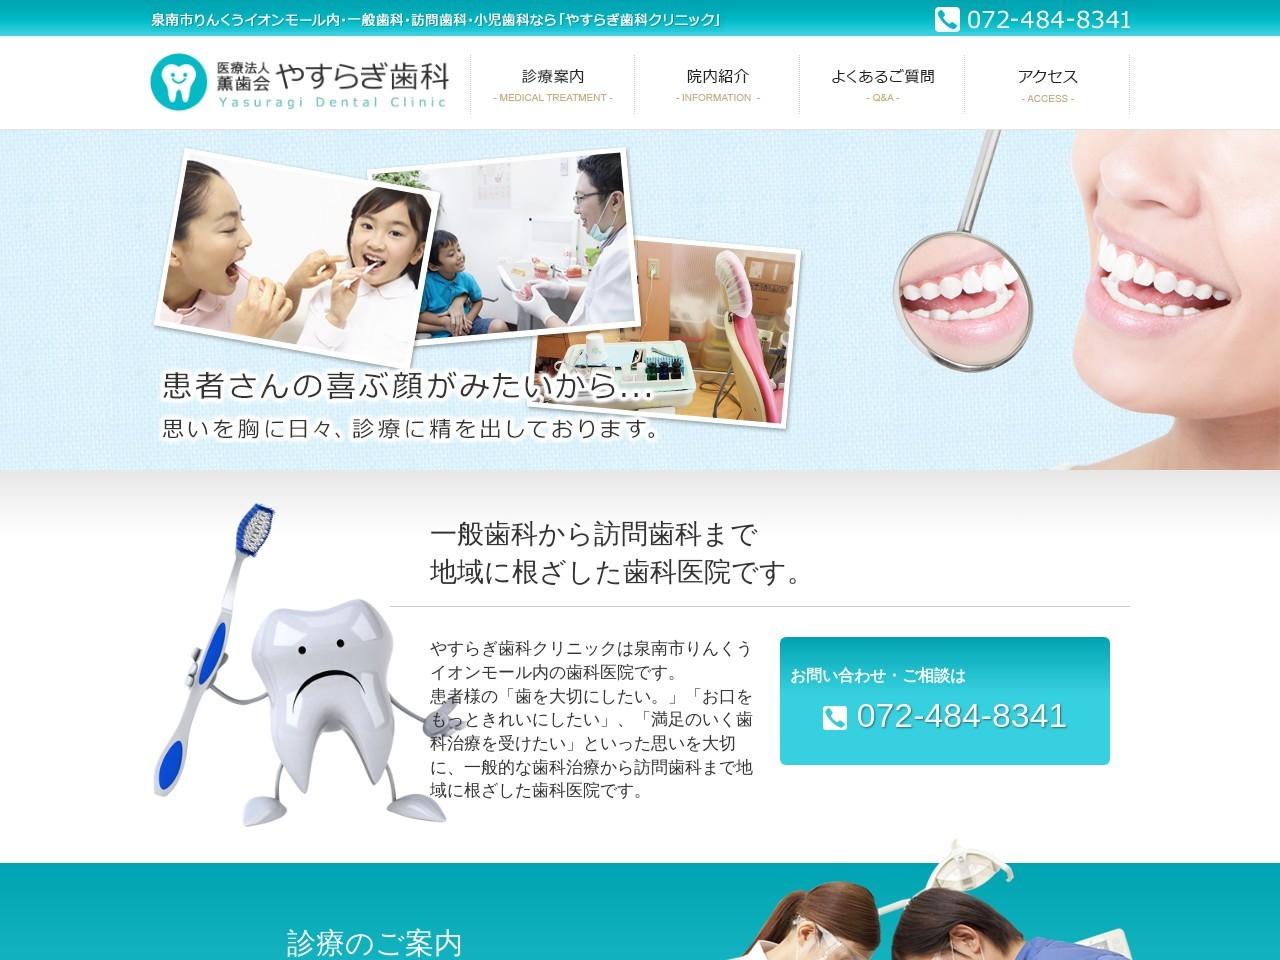 医療法人薫歯会  やすらぎ歯科クリニック (大阪府泉南市)